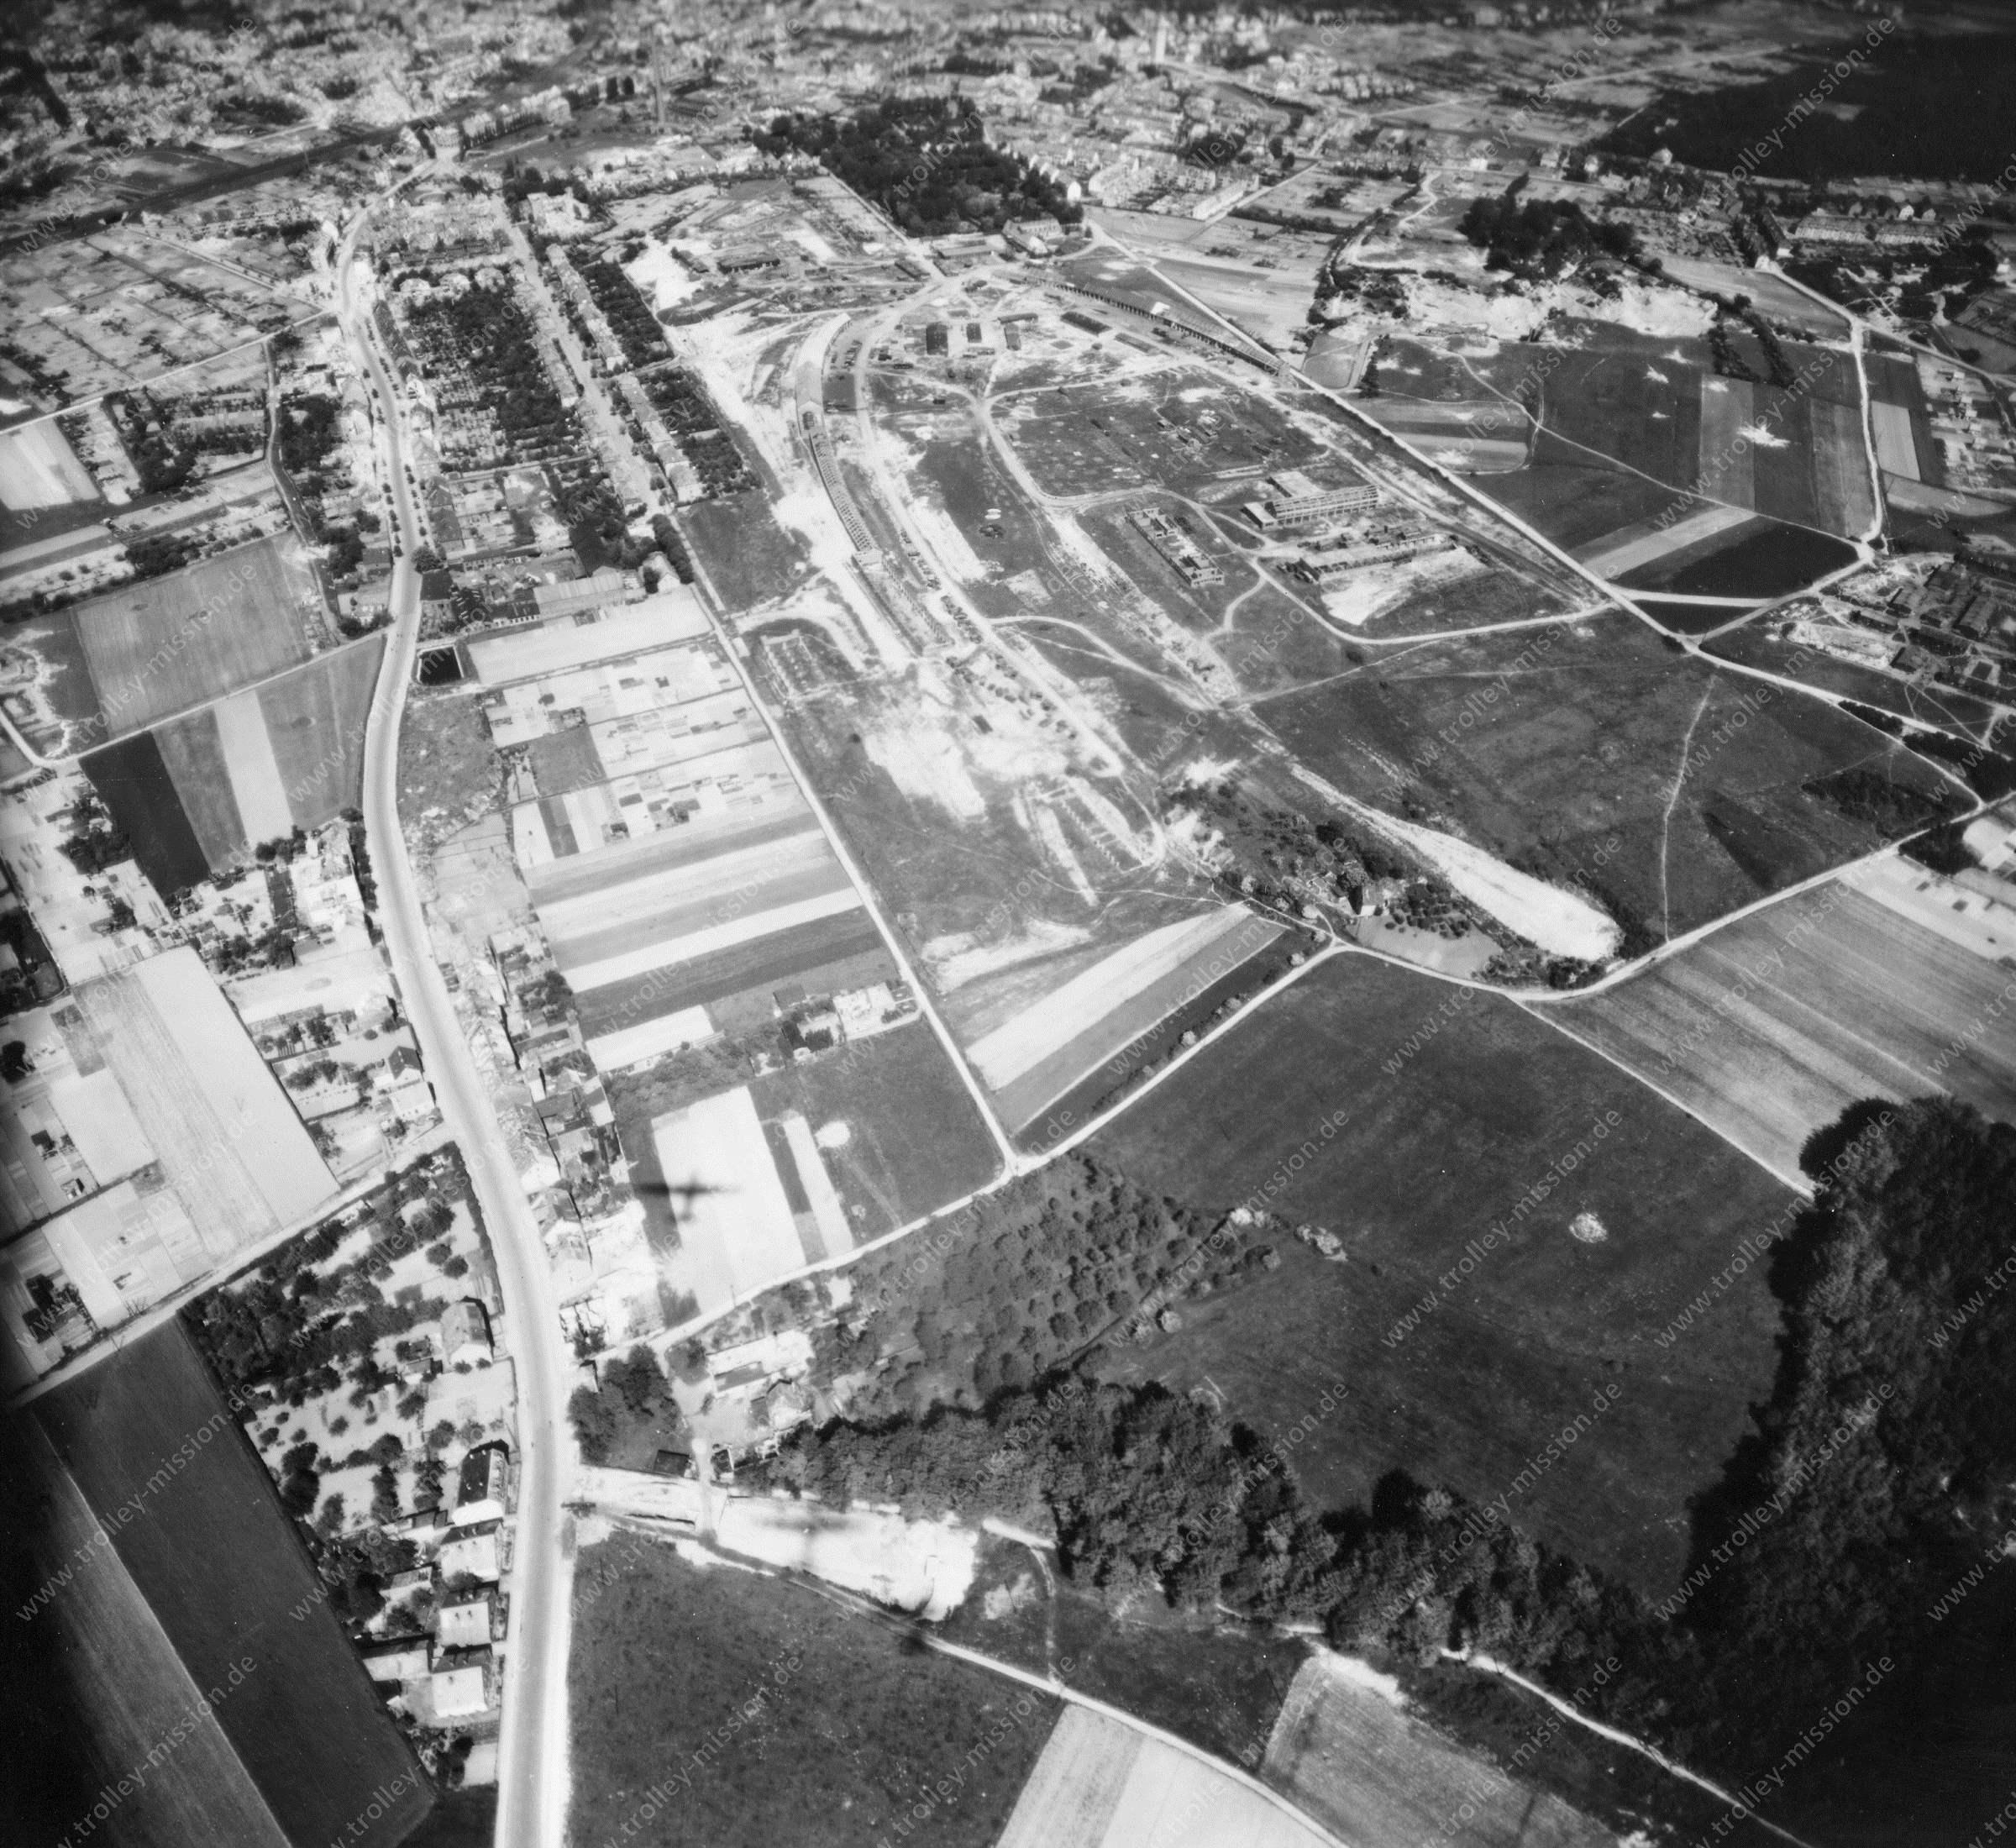 Luftbild Flak-Kaserne (Flak-Stellung) und Sutthauser Straße in Osnabrück im Mai 1945